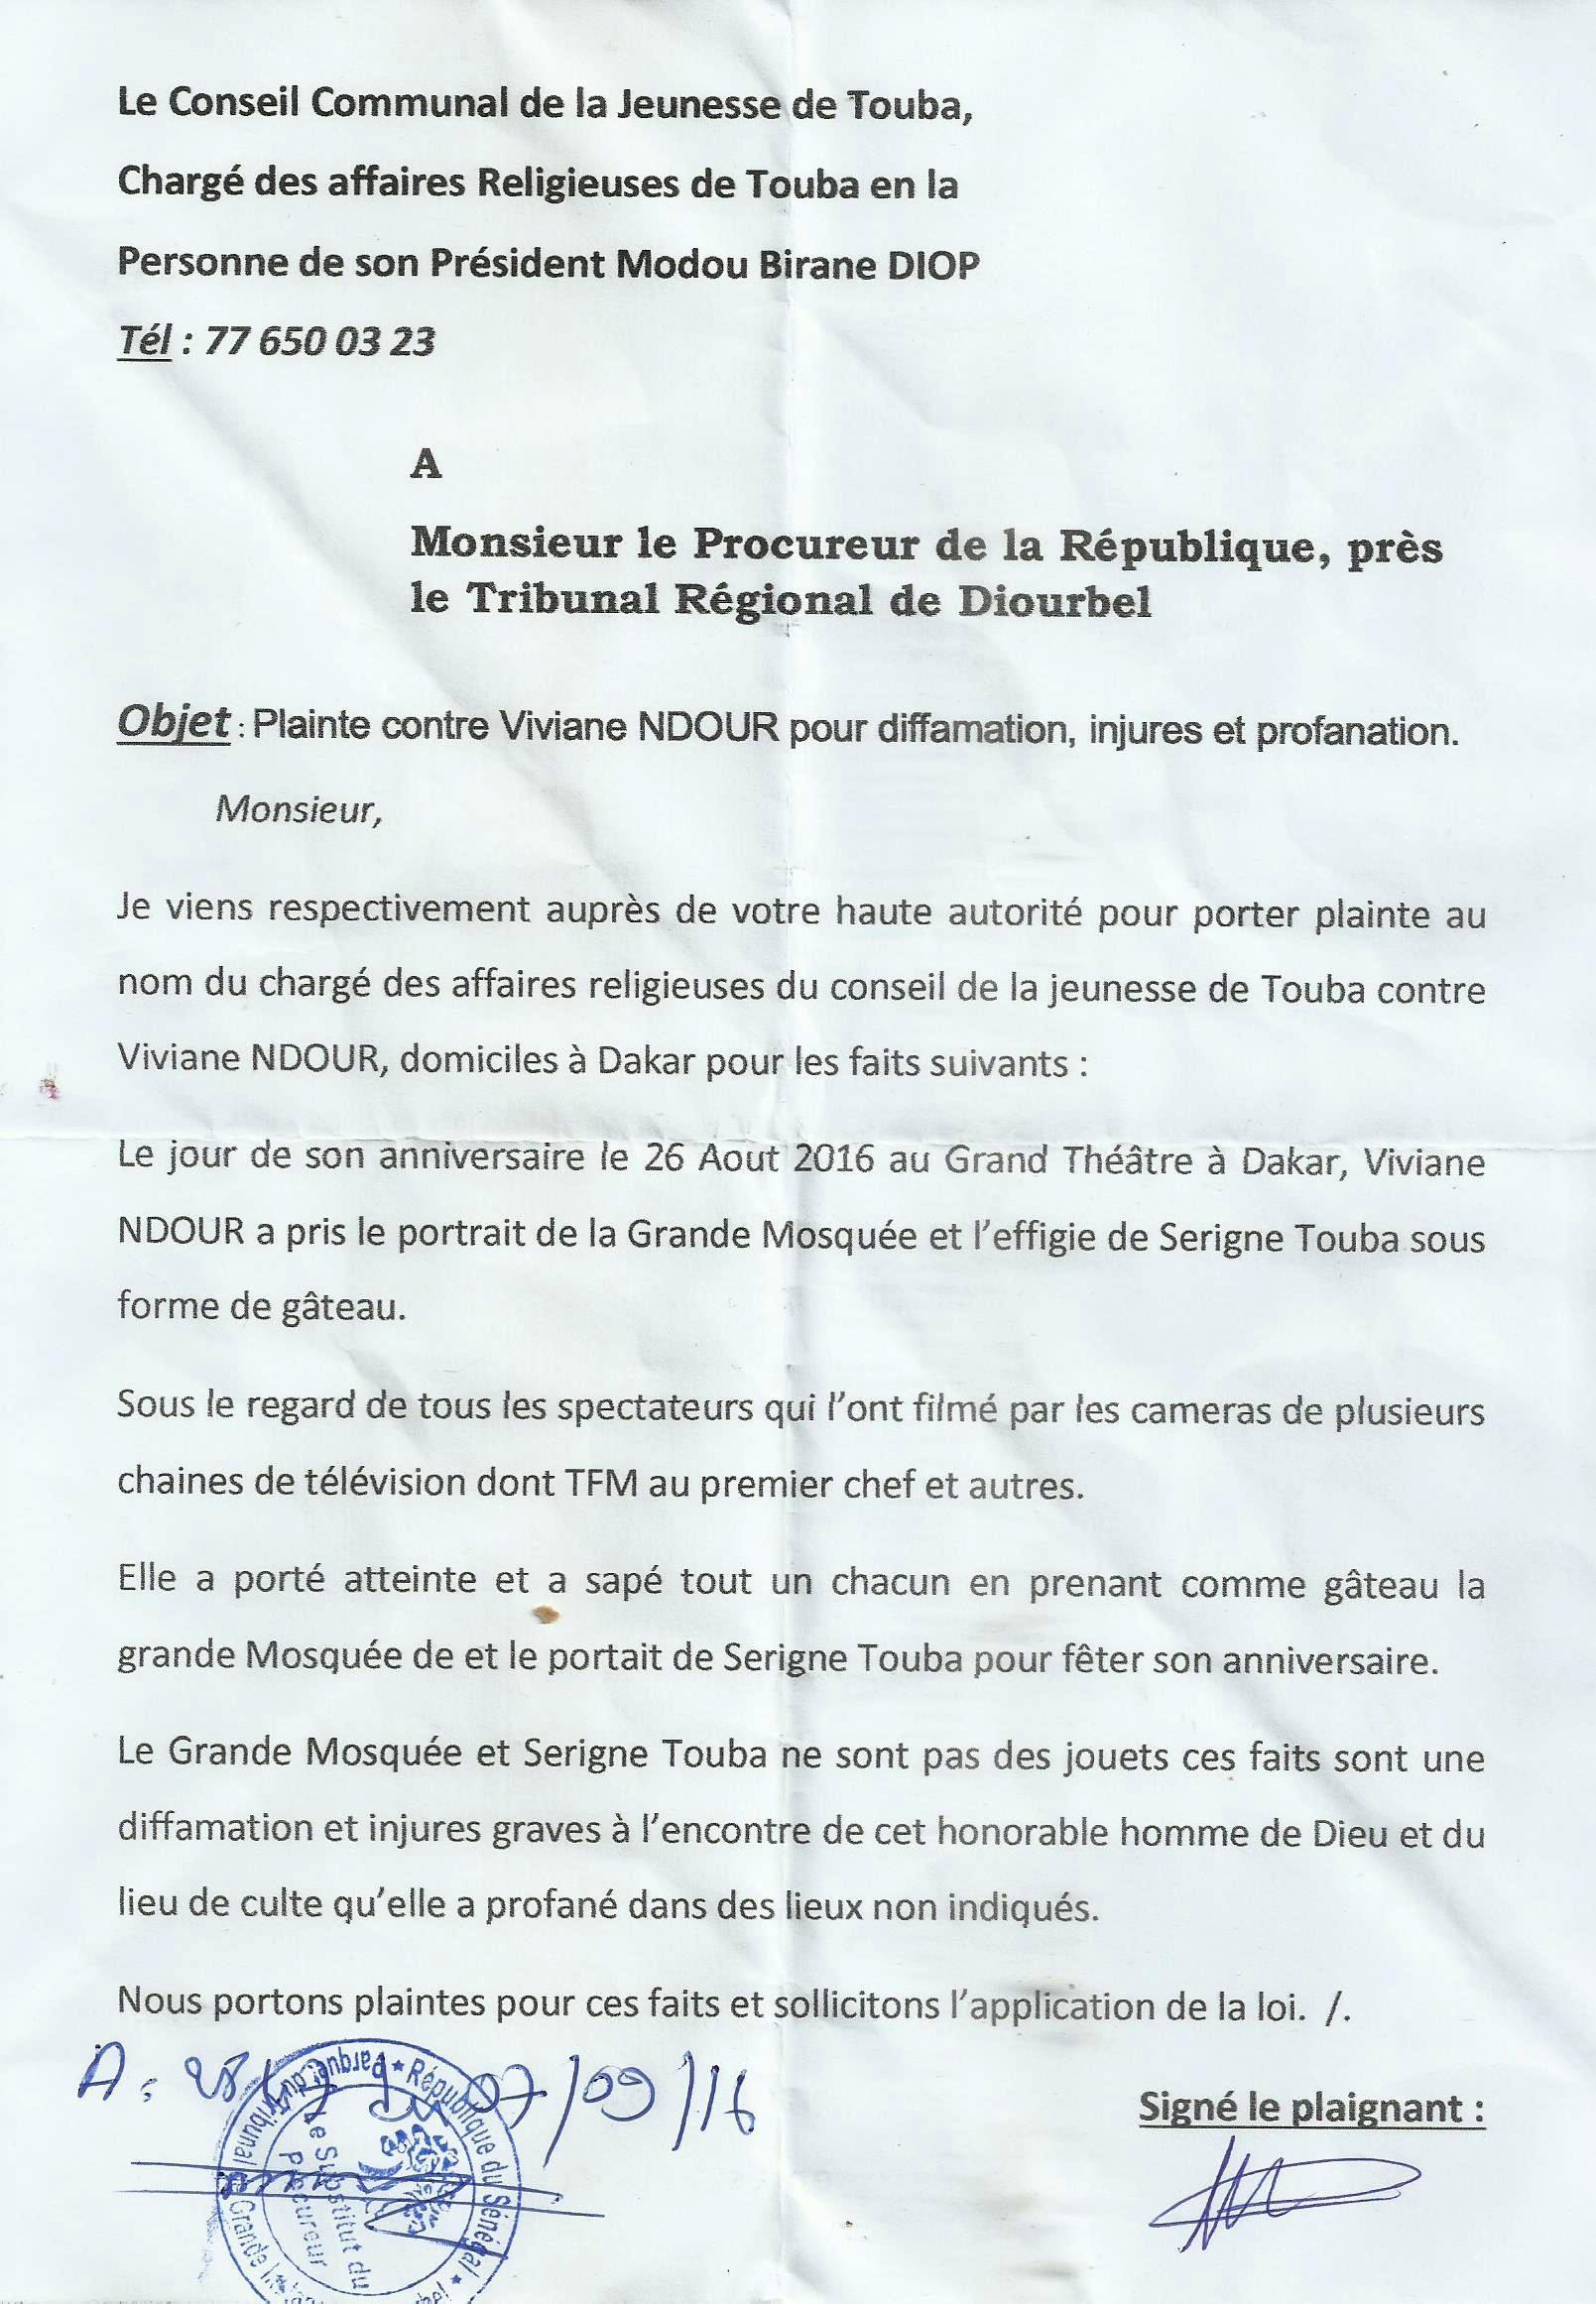 (TOUBA) CADEAU ANNIVERSAIRE POLÉMIQUE – Une plainte contre Viviane malgré ses excuses et précisions